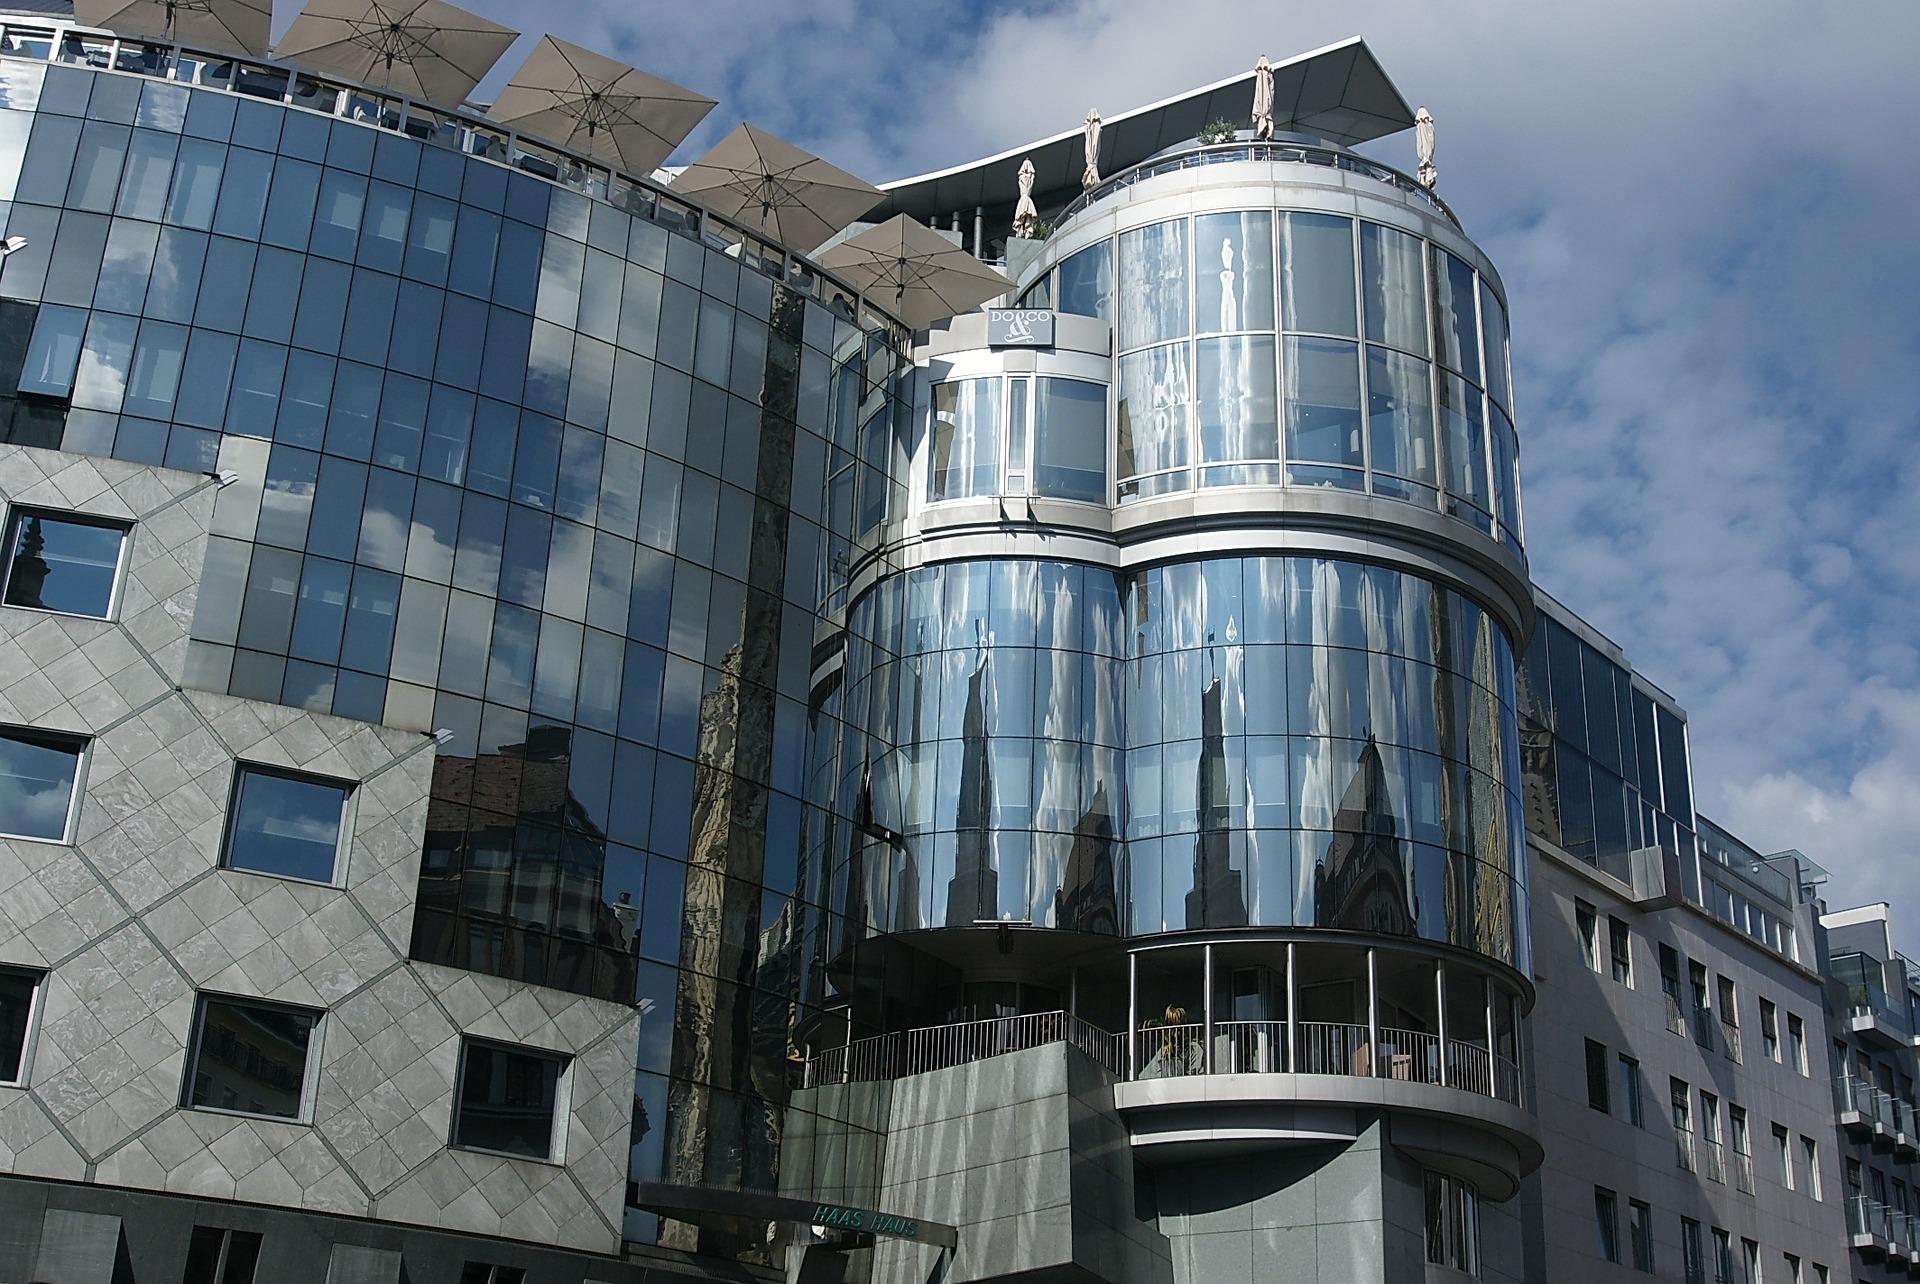 Jak wygląda konstrukcja balustrad szklanych?